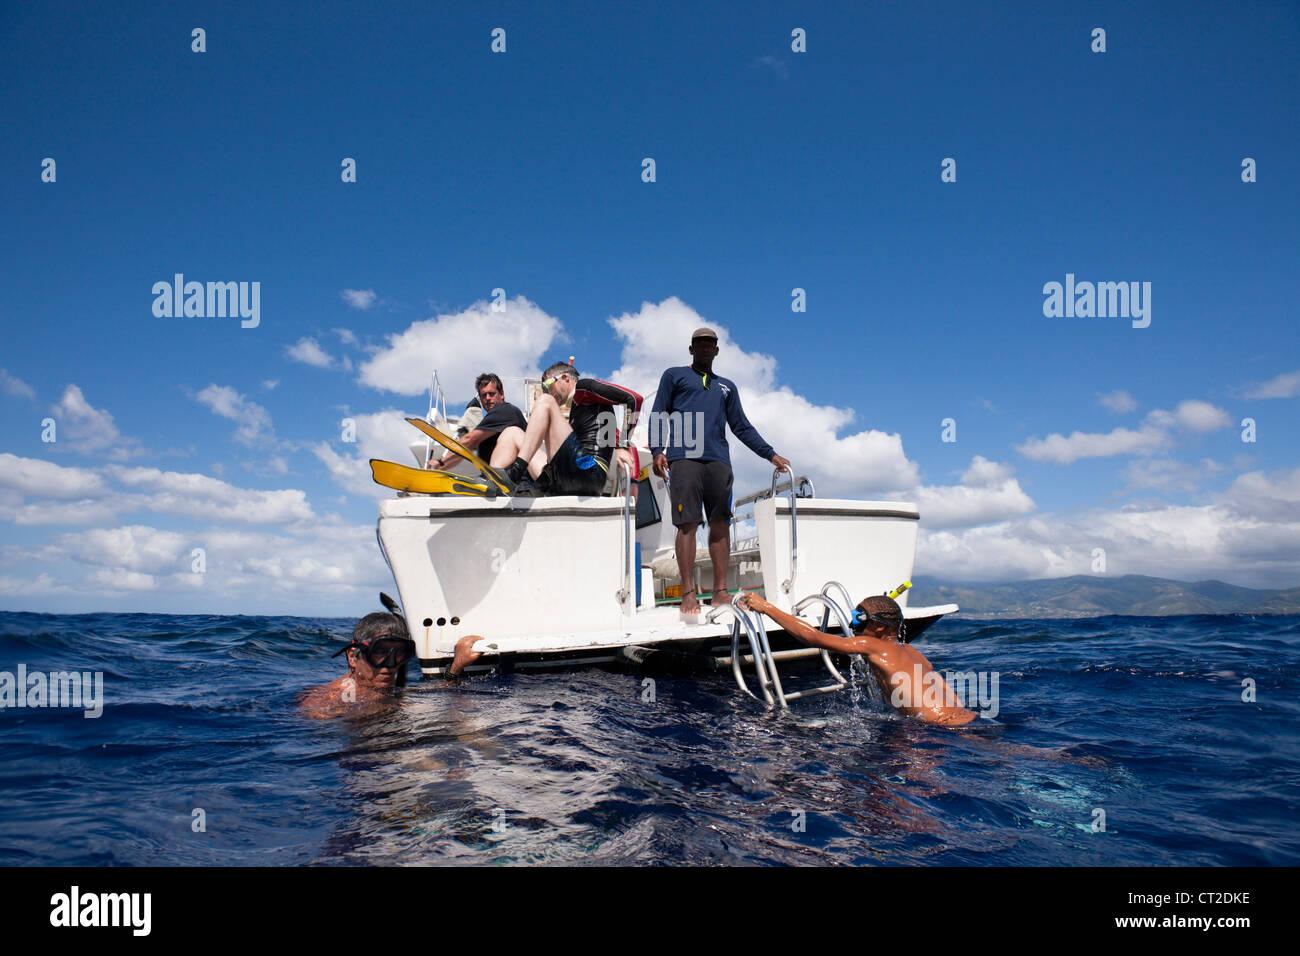 Excursión de Avistamiento de ballenas, Mar Caribe Dominica Imagen De Stock